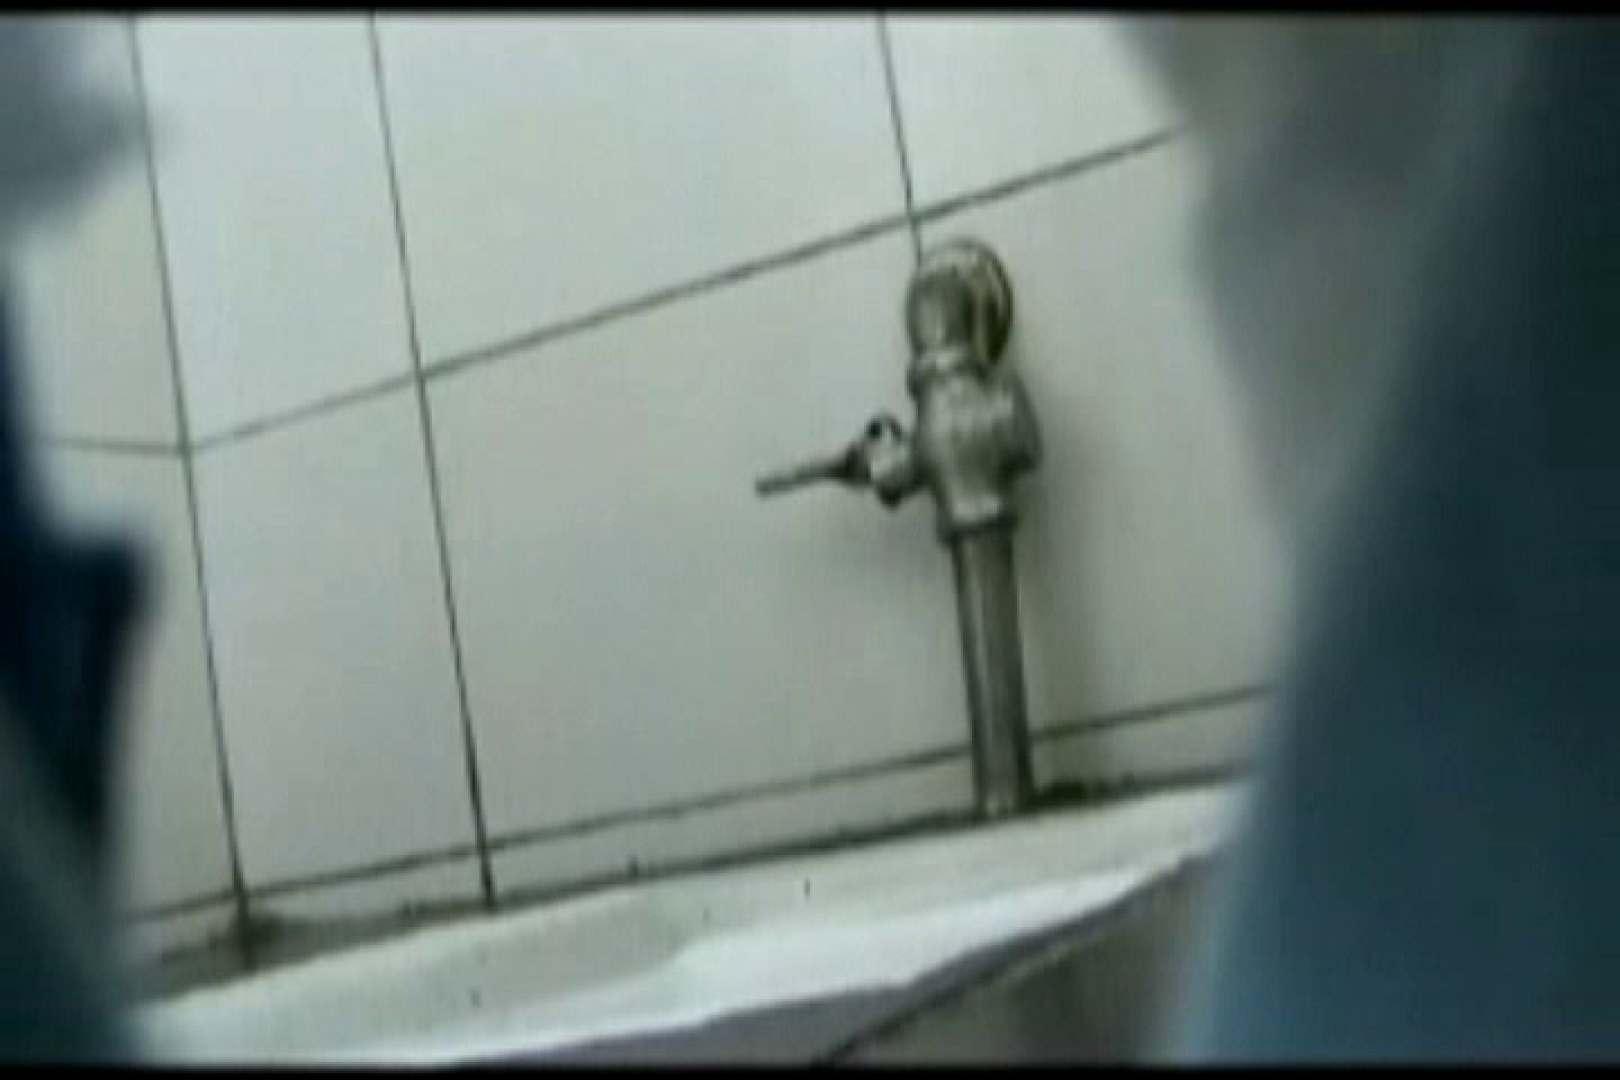 ぼっとん洗面所スペシャルVol.13 洗面所 | おまんこ娘  36連発 7